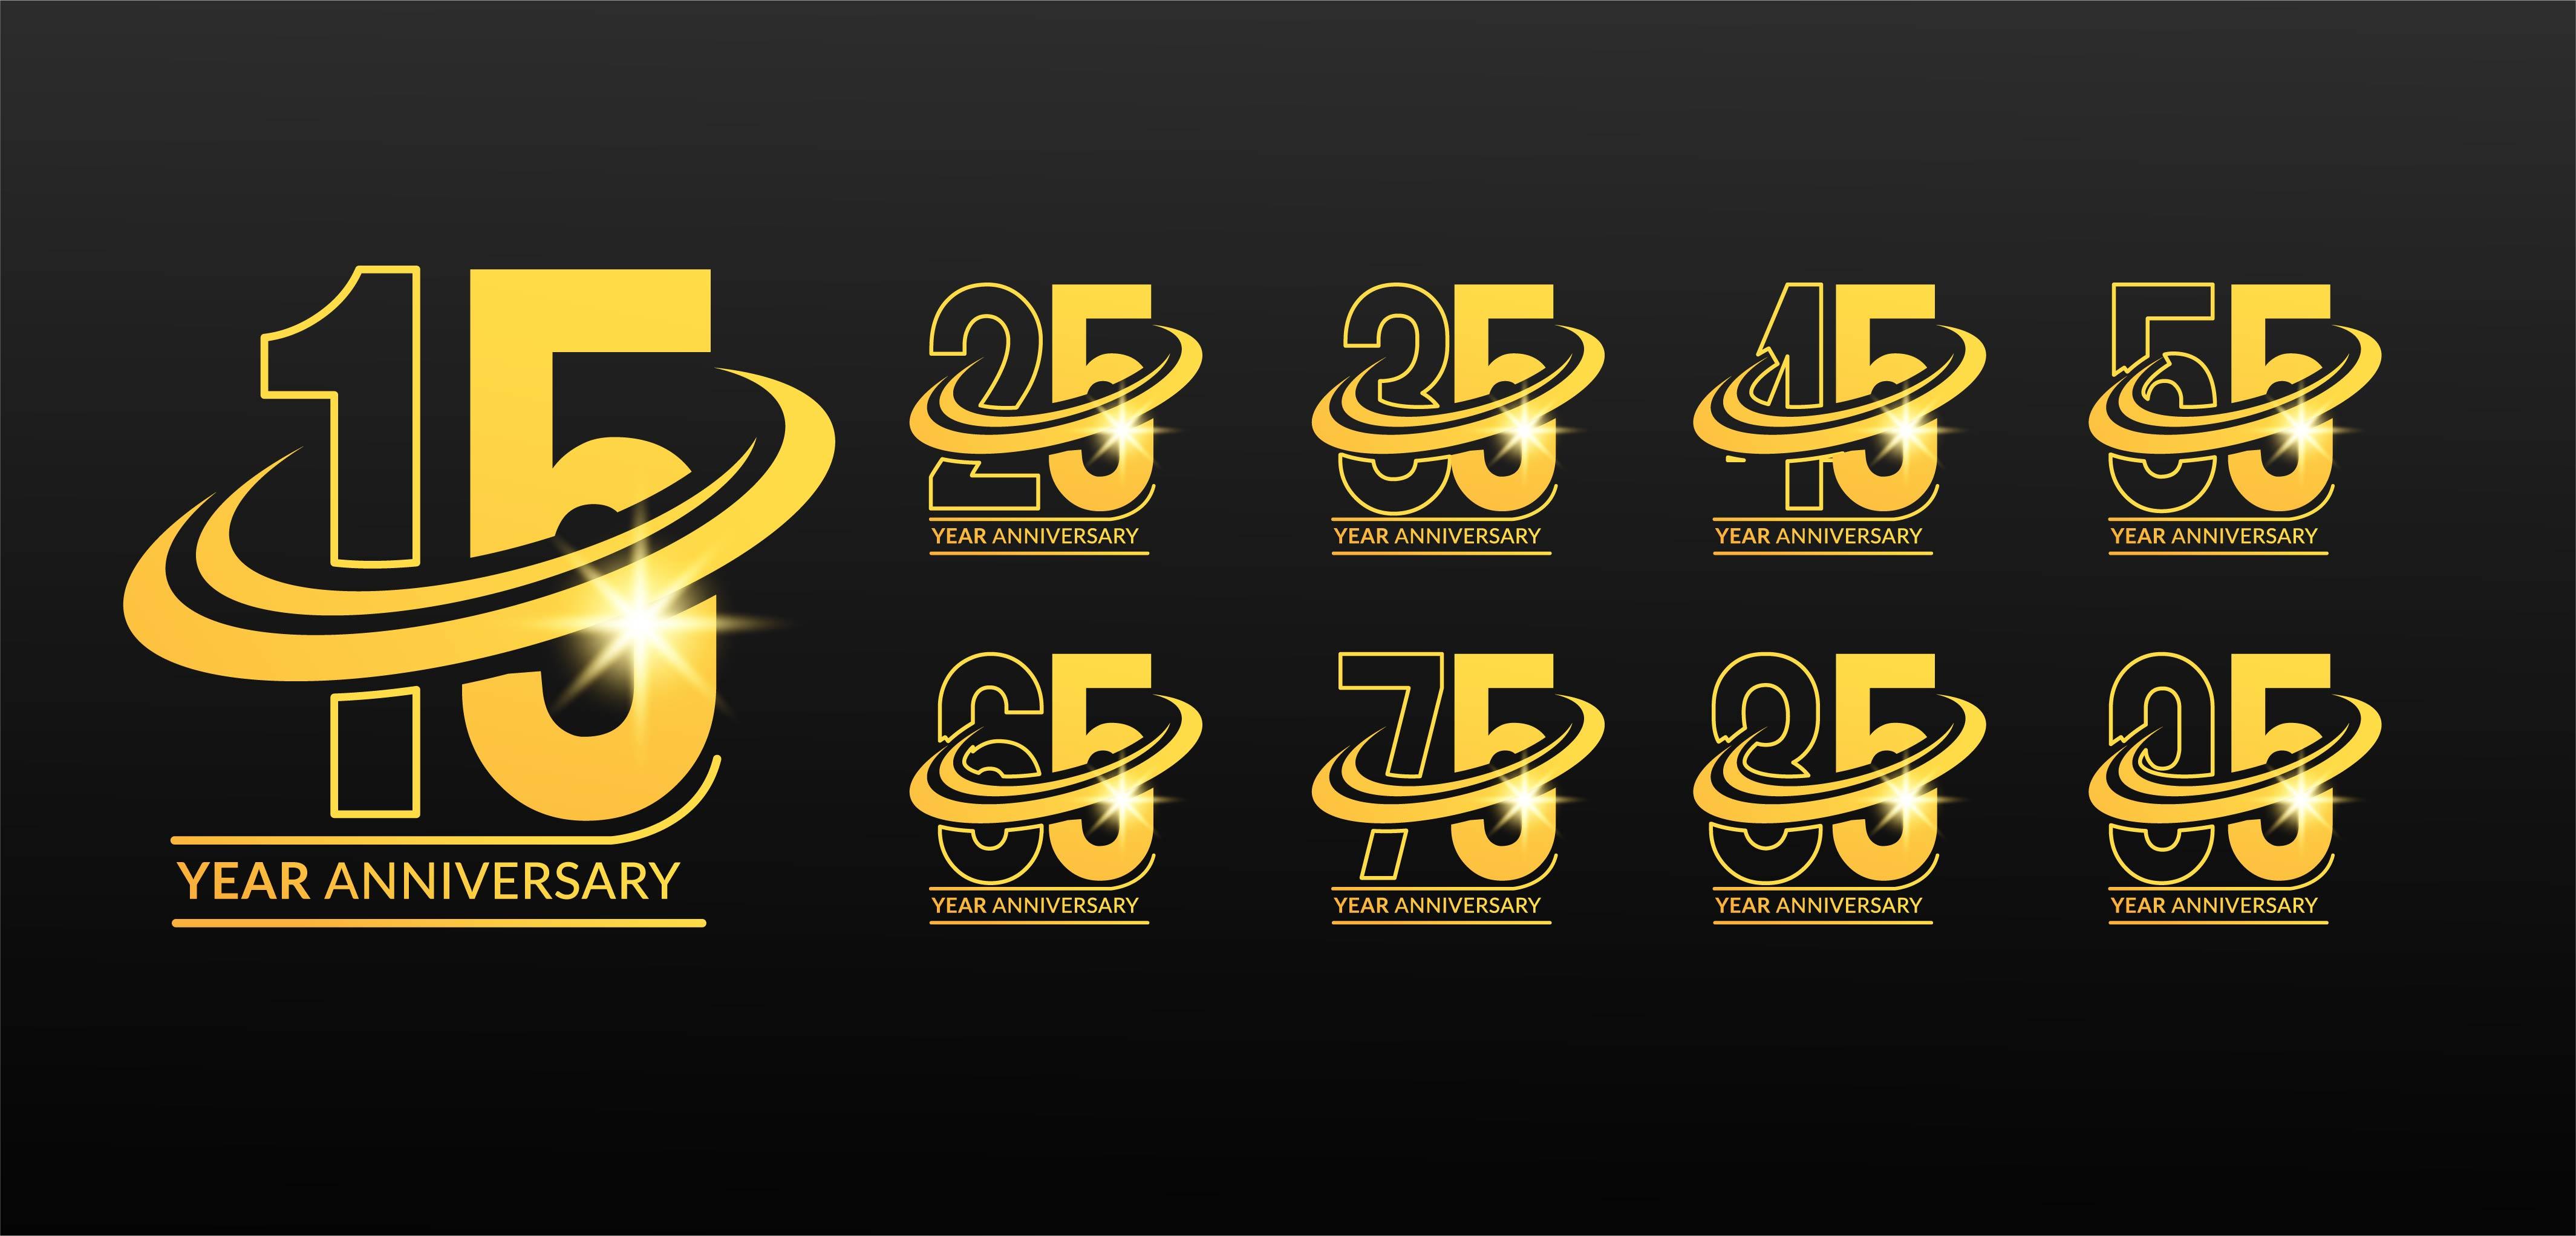 Números de aniversario de oro dinámicos con símbolo swoosh